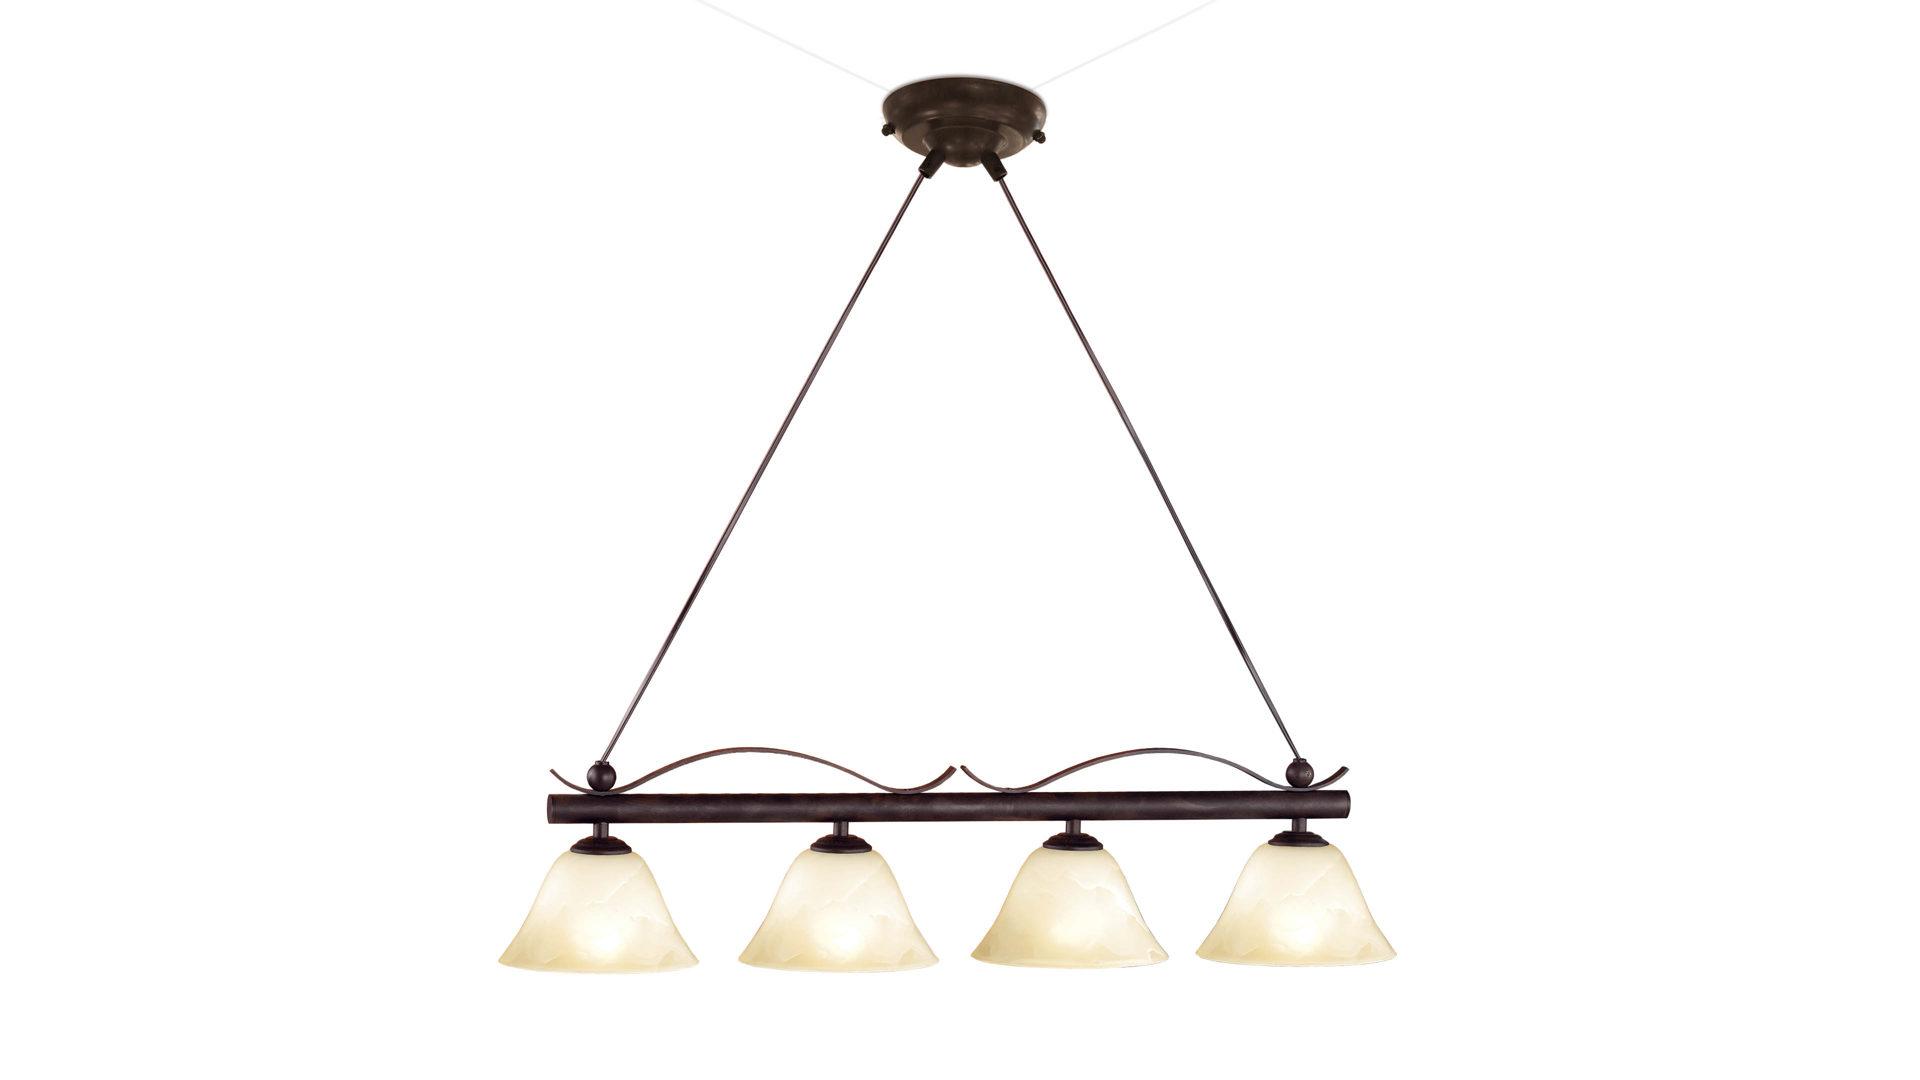 lampen wohnzimmer glas : Jobst Wohnwelt Traunreut R Ume Wohnzimmer Lampen Leuchten